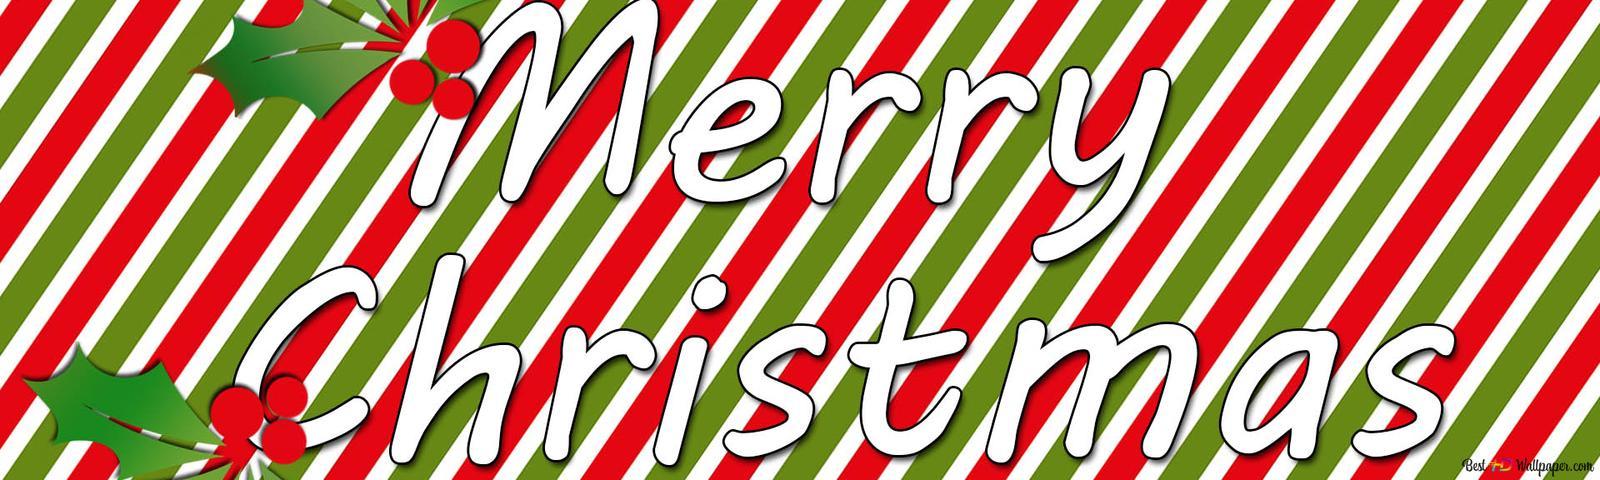 Frohe Weihnachten # 9 HD Hintergrundbilder herunterladen